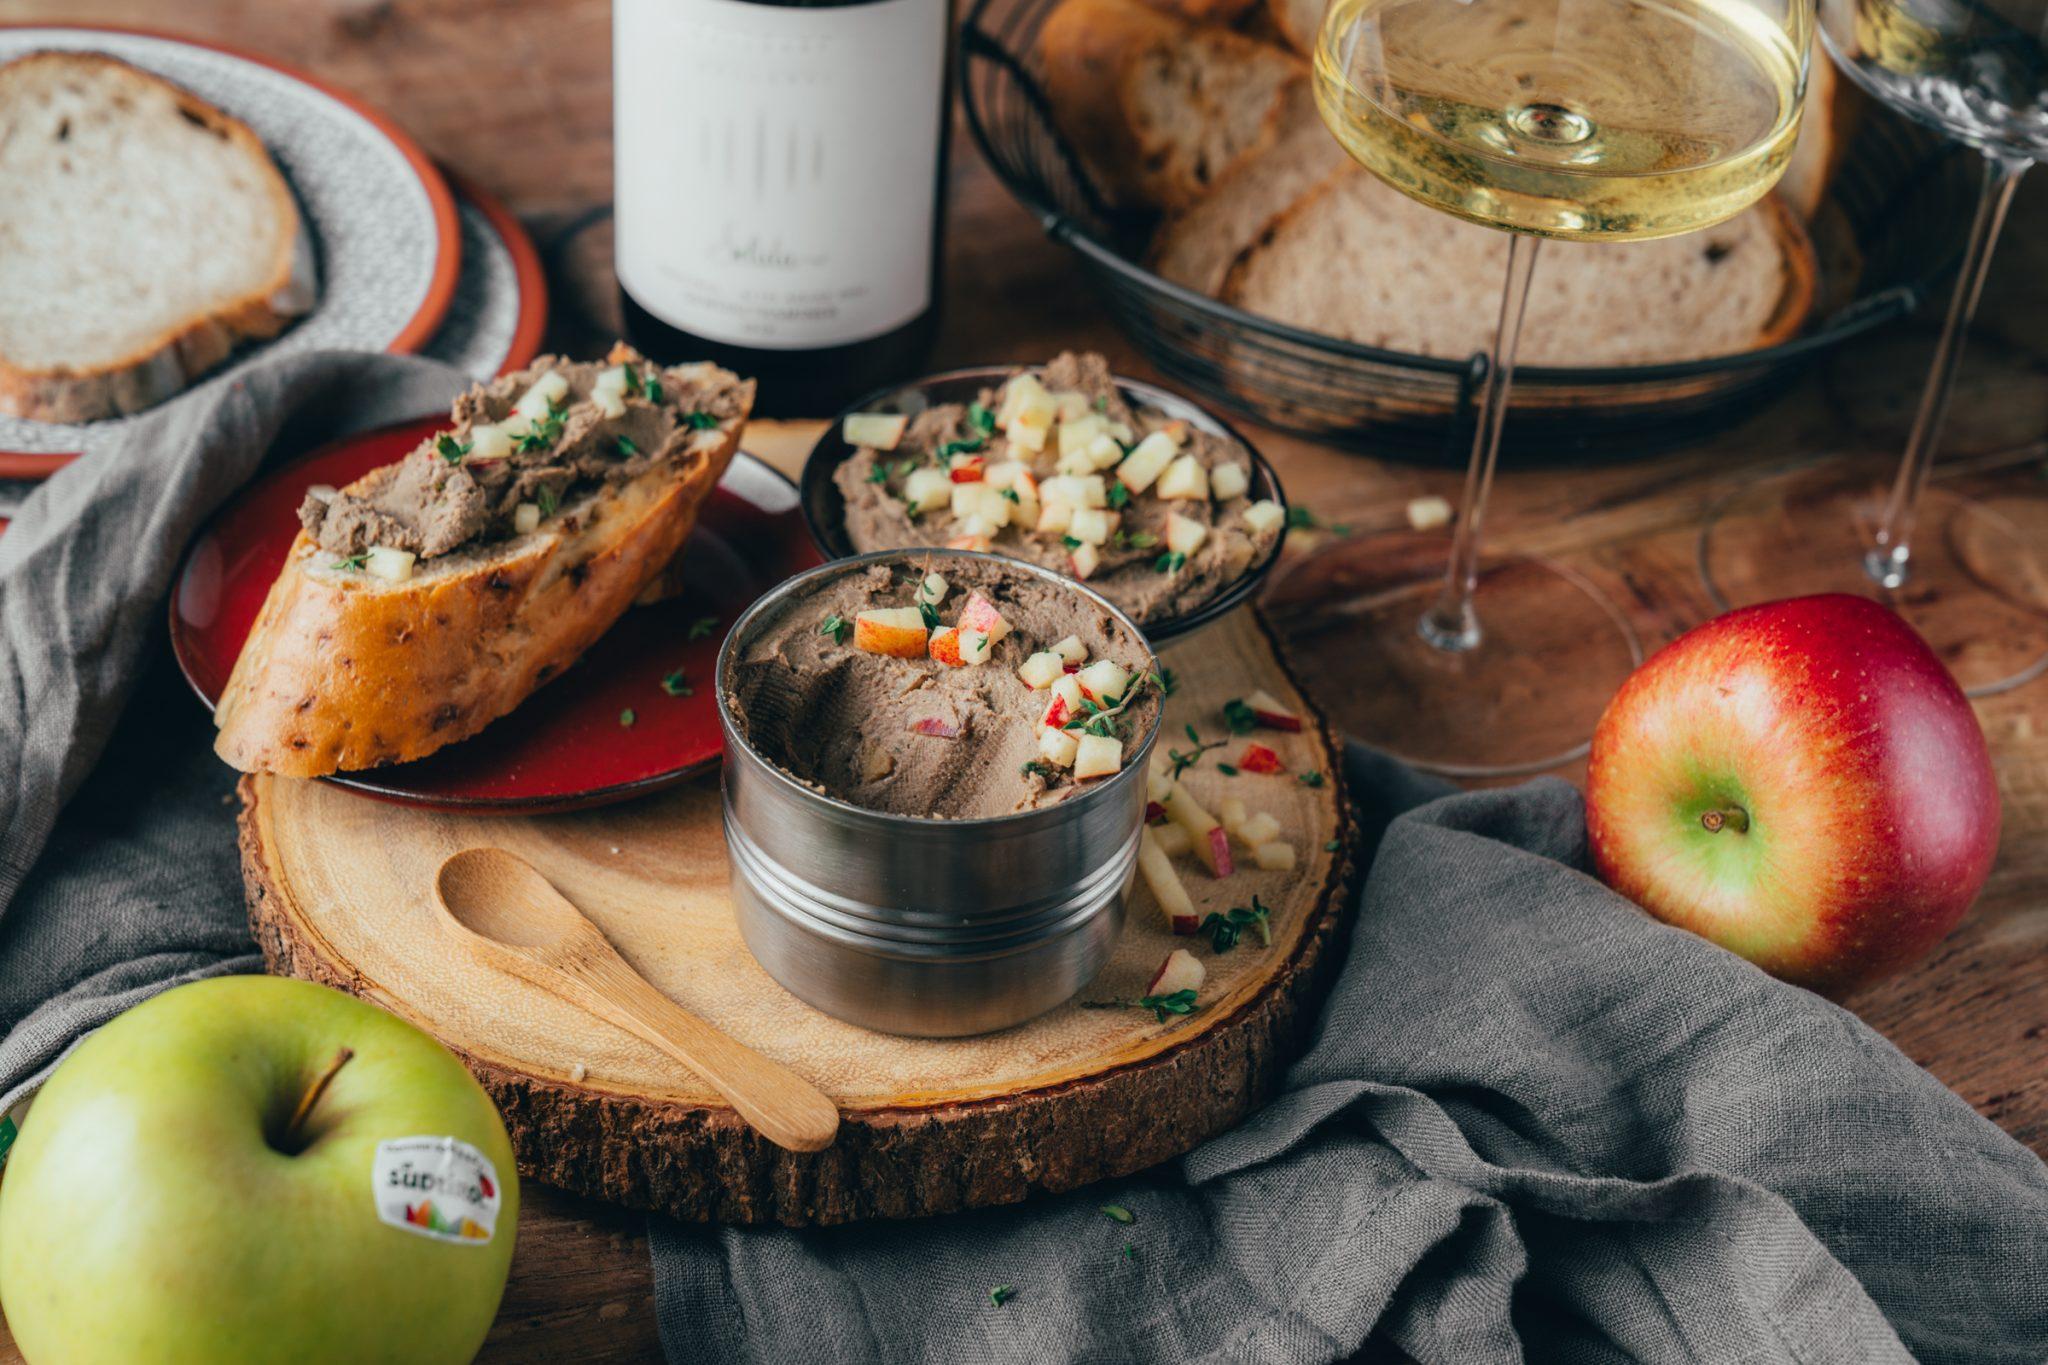 Gefluegelleberpastete Suedtirol Apfel 16 | Heute starteteine kleinekulinarische Reise - wir nehmen euch mit nach Südtirol. Dafür haben wir ein leckeres 3 Gänge-Menü mit hochwertigen Qualitätsprodukten aus Südtirolzubereitet! Jeder Gang hat eine Hauptzutat, die mit einem europäischen Gütesiegel versehen ist und den Anfang macht der Südtiroler Apfel g.g.A.. Wir starten unser Menü mit einerdeftig, fruchtigen Brotzeit undTorsten hat nach einigen Versuchen diese super einfache Geflügelleberpastetekreiert, die in wenigenMinuten einen leckeren Genussabend einleitenkann.